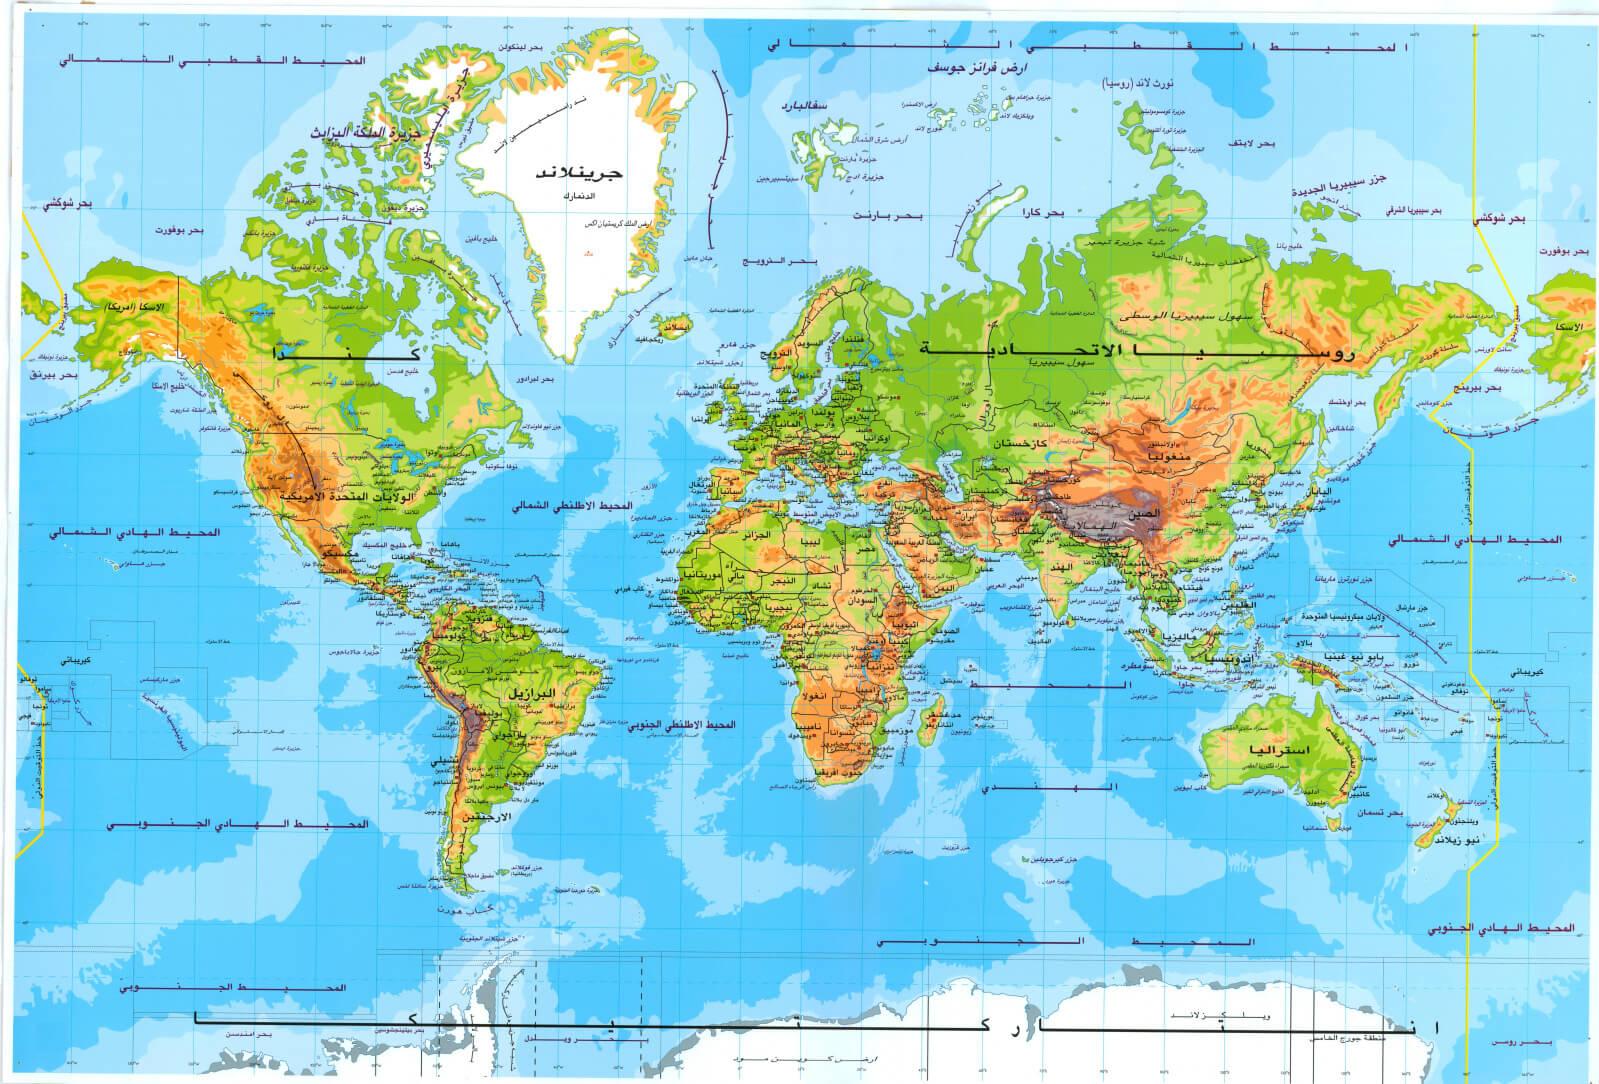 تحميل اطلس خرائط العالم pdf